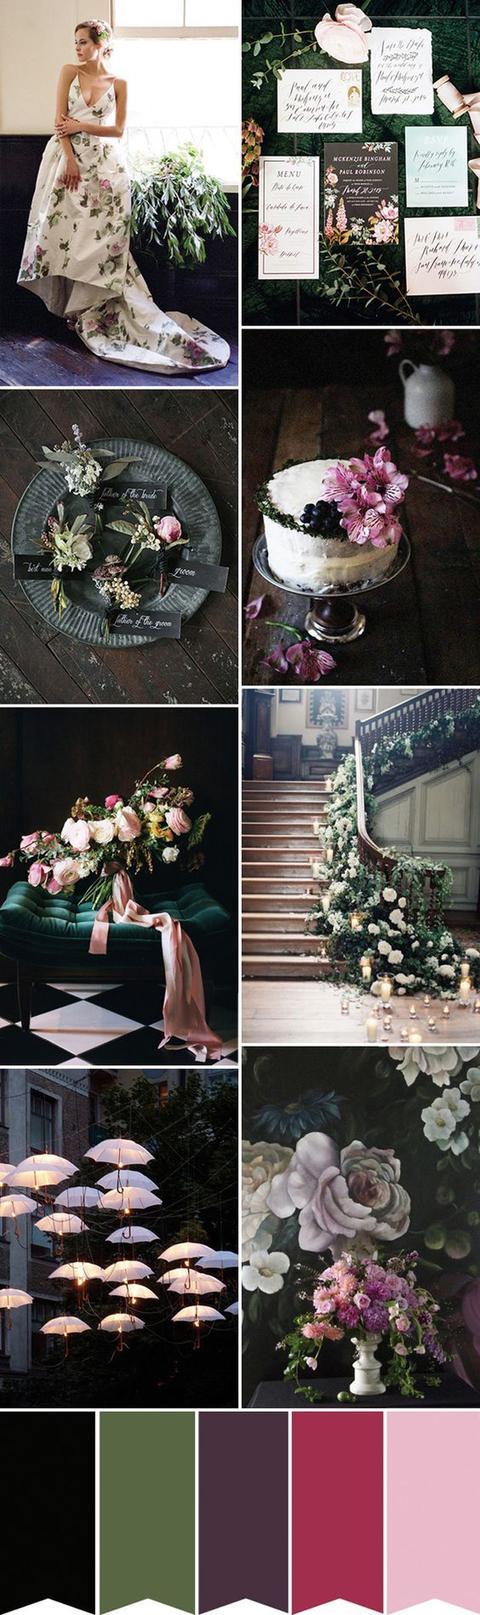 復古風潮的花嫁巧搭——這是一場花的嫁娶